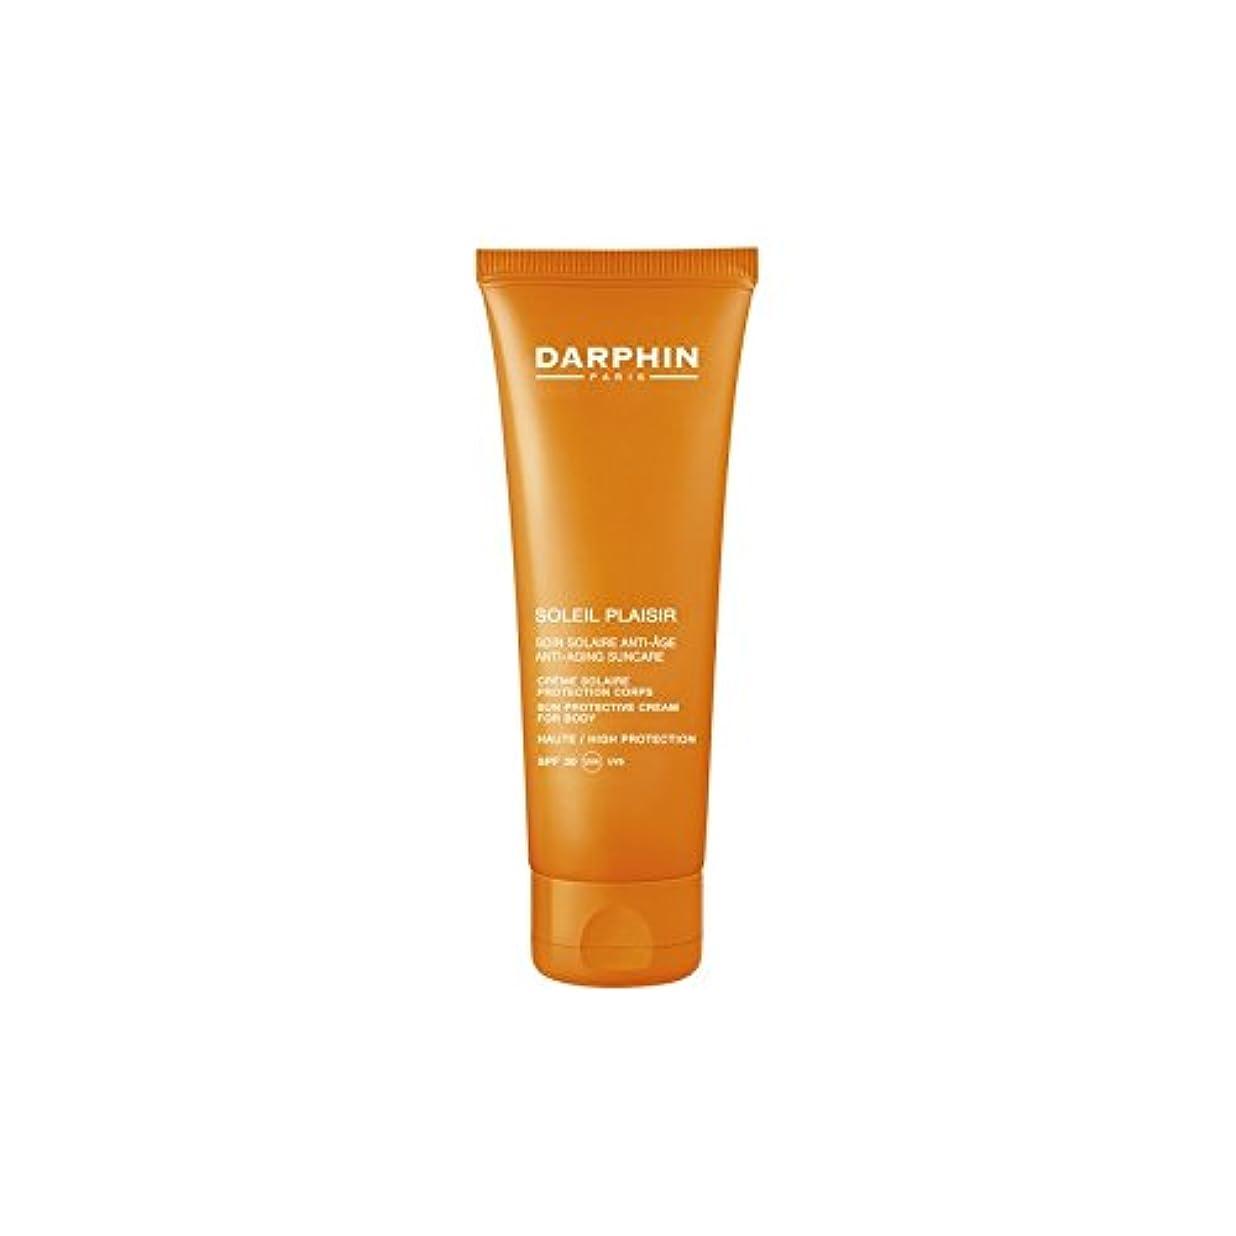 プランターオプション日付ダルファンソレイユプレジールボディクリーム x2 - Darphin Soleil Plaisir Body Cream (Pack of 2) [並行輸入品]